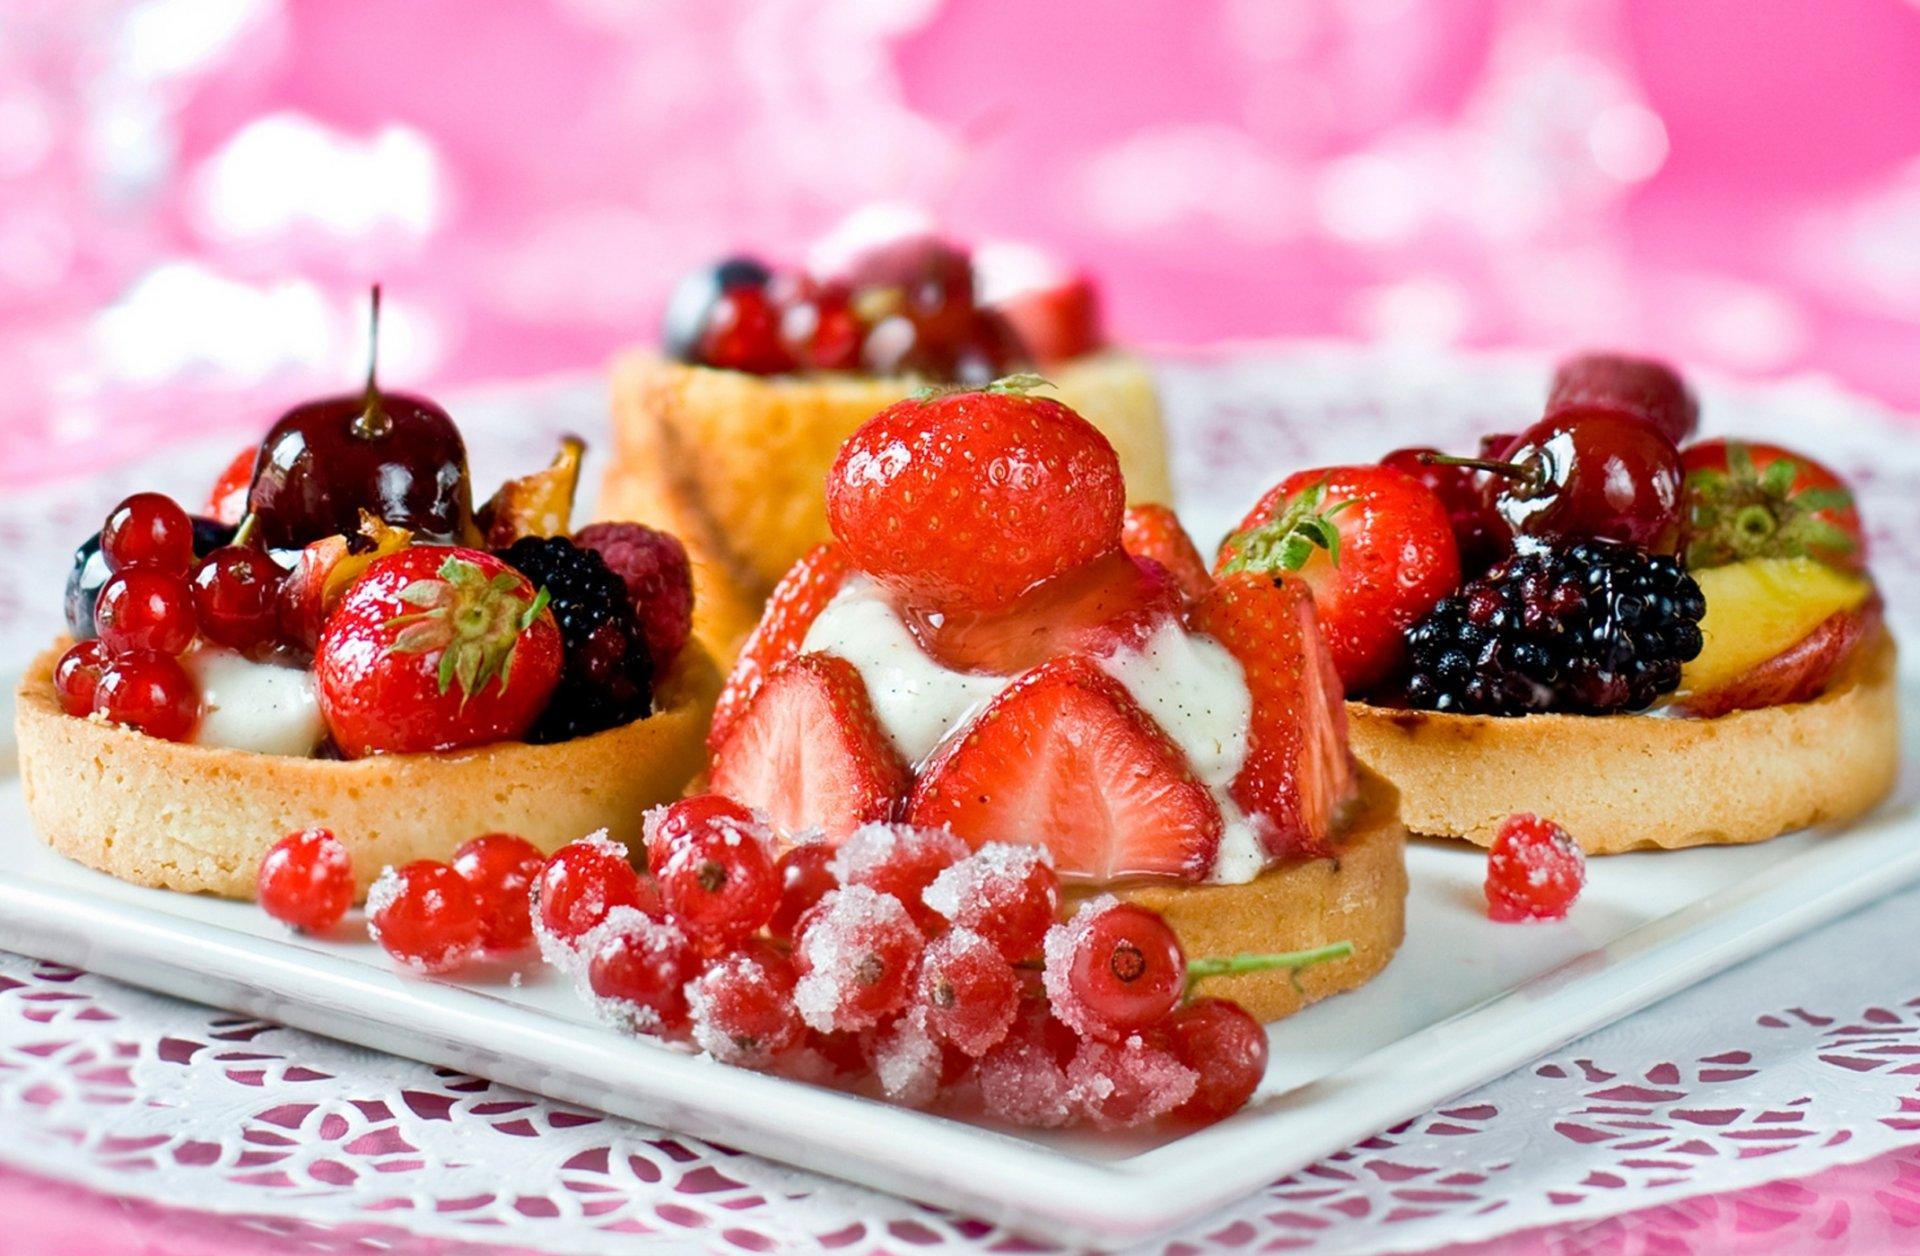 еда торт фрукты скачать